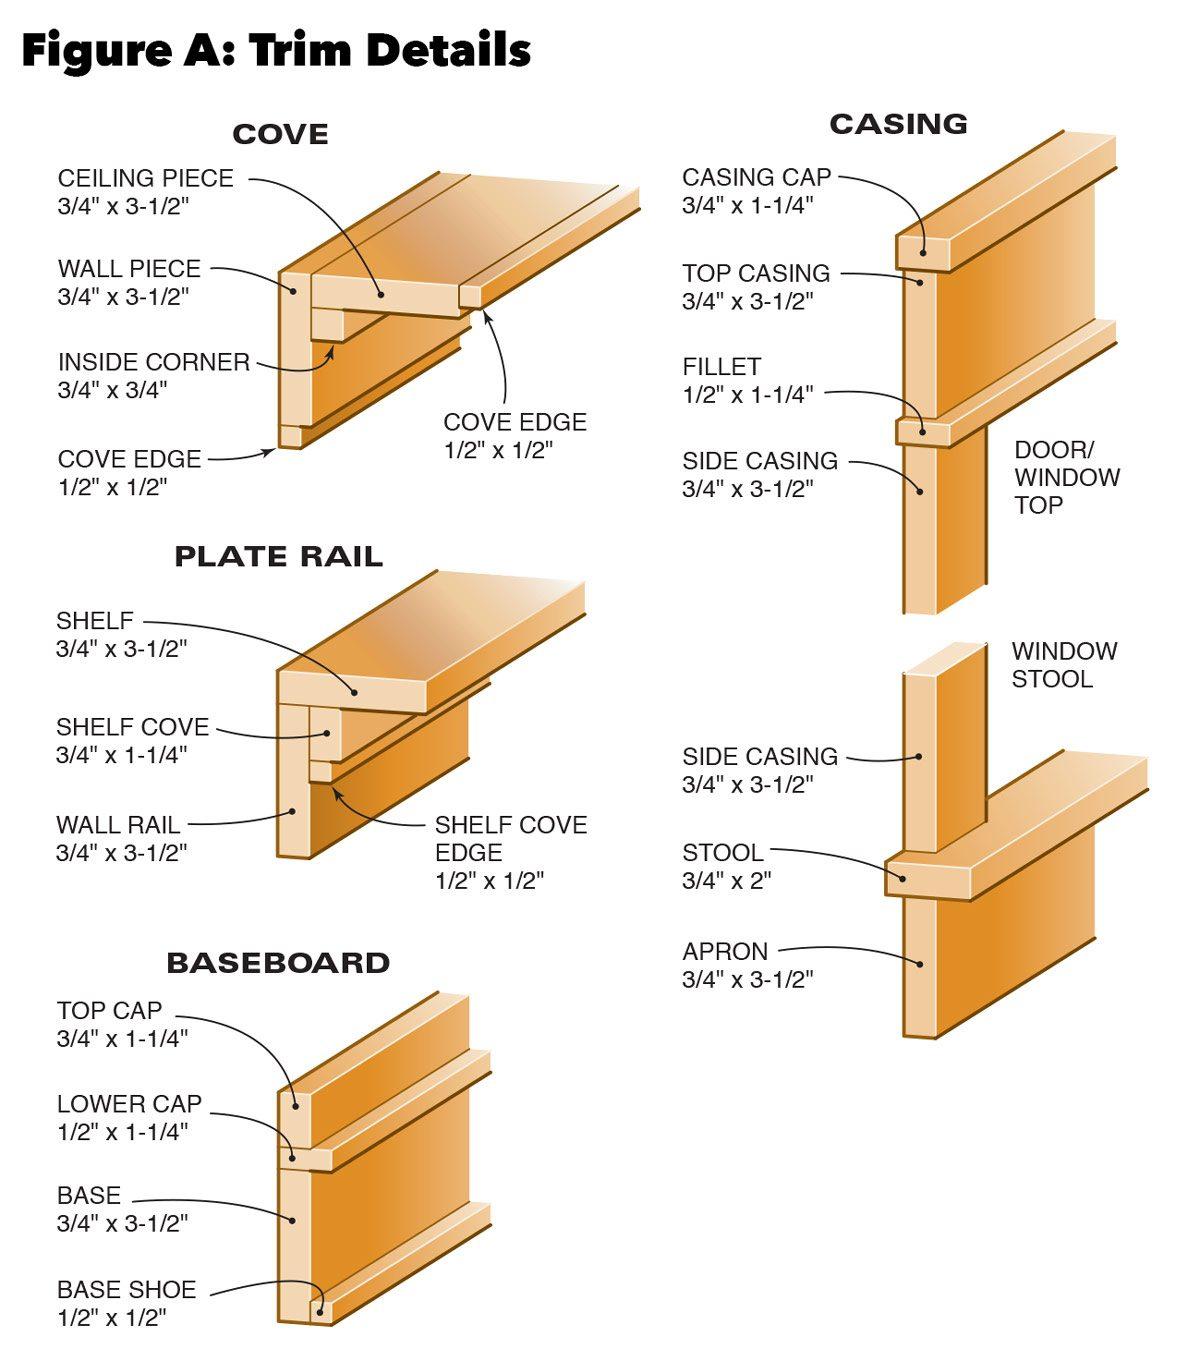 Figure a trim details